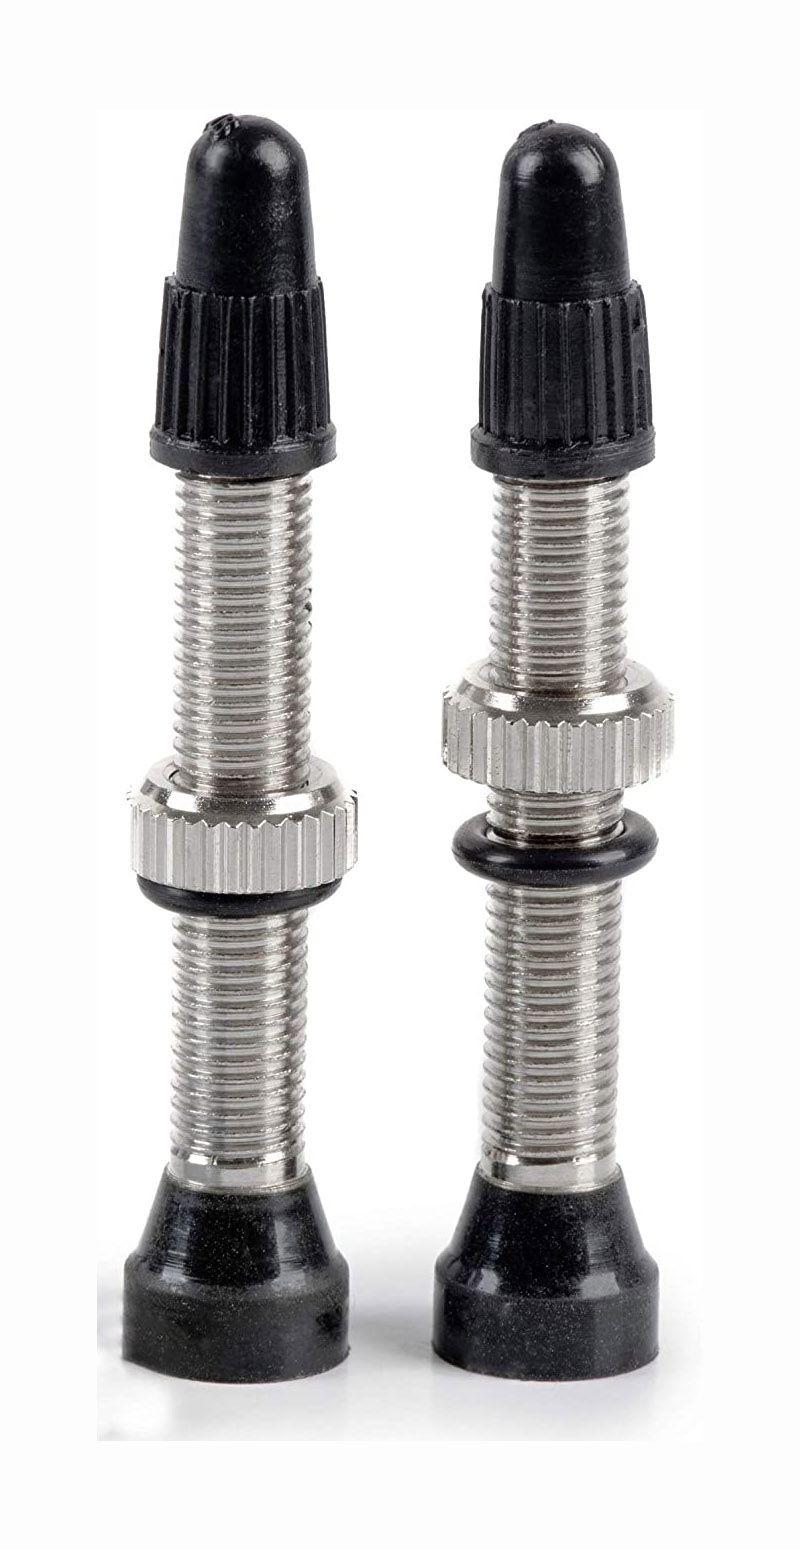 Par De Válvulas Bico Tubeless Prata em Aço 40mm Comprimento